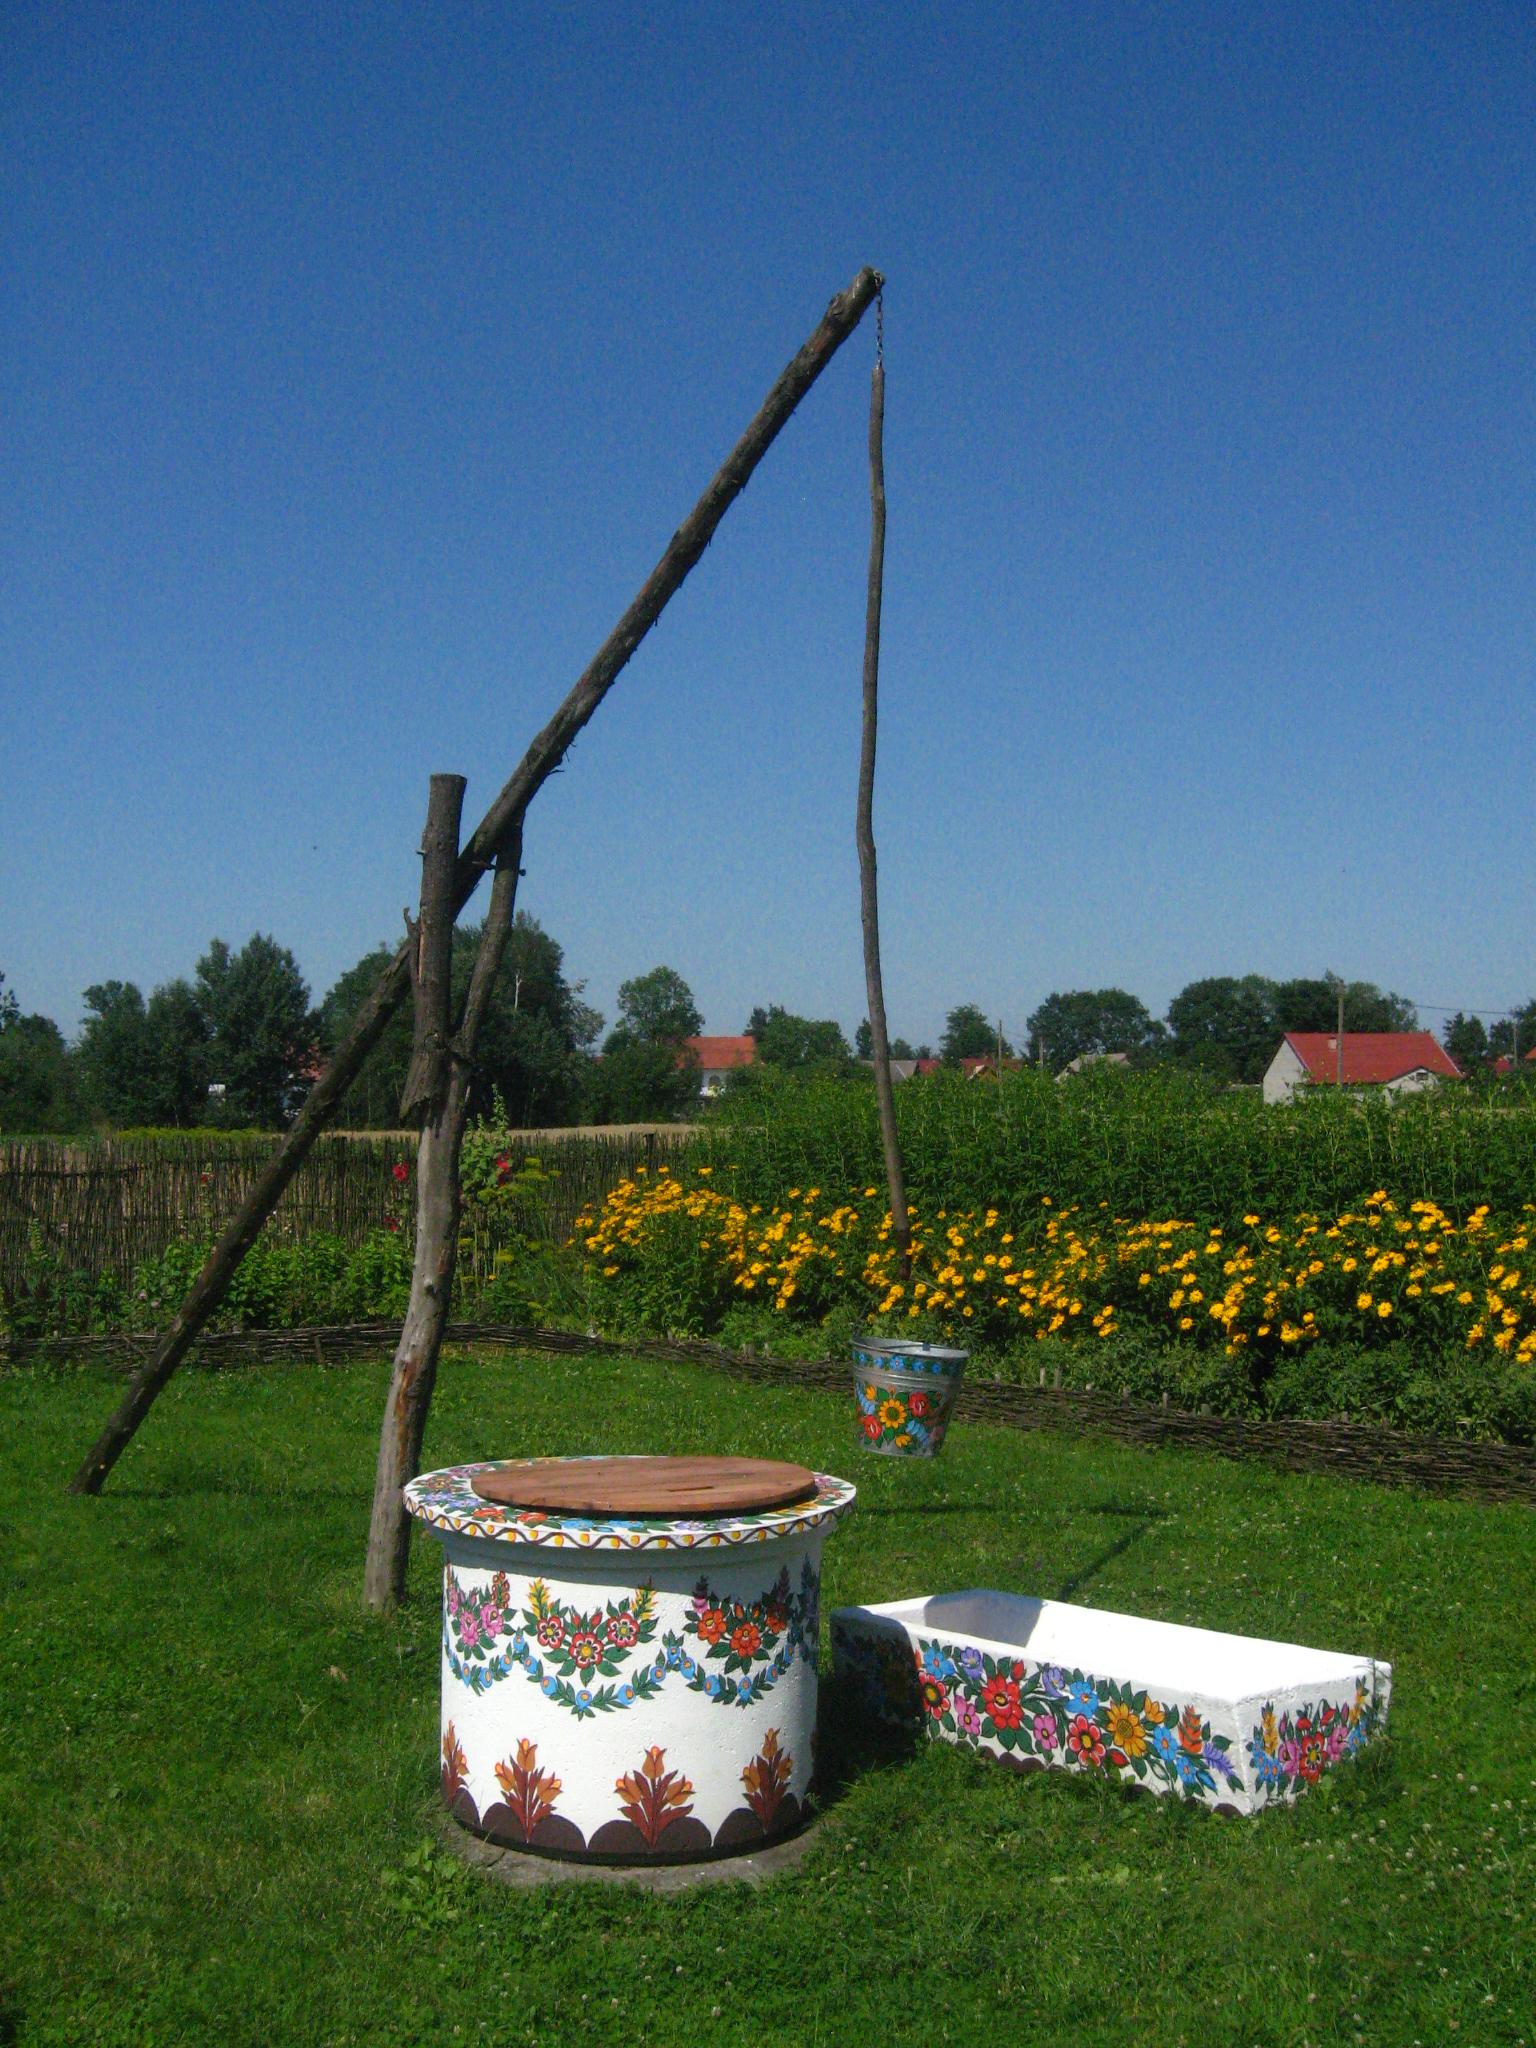 Decoraţiuni florale aproape pe orice obiect din satul Zalipie